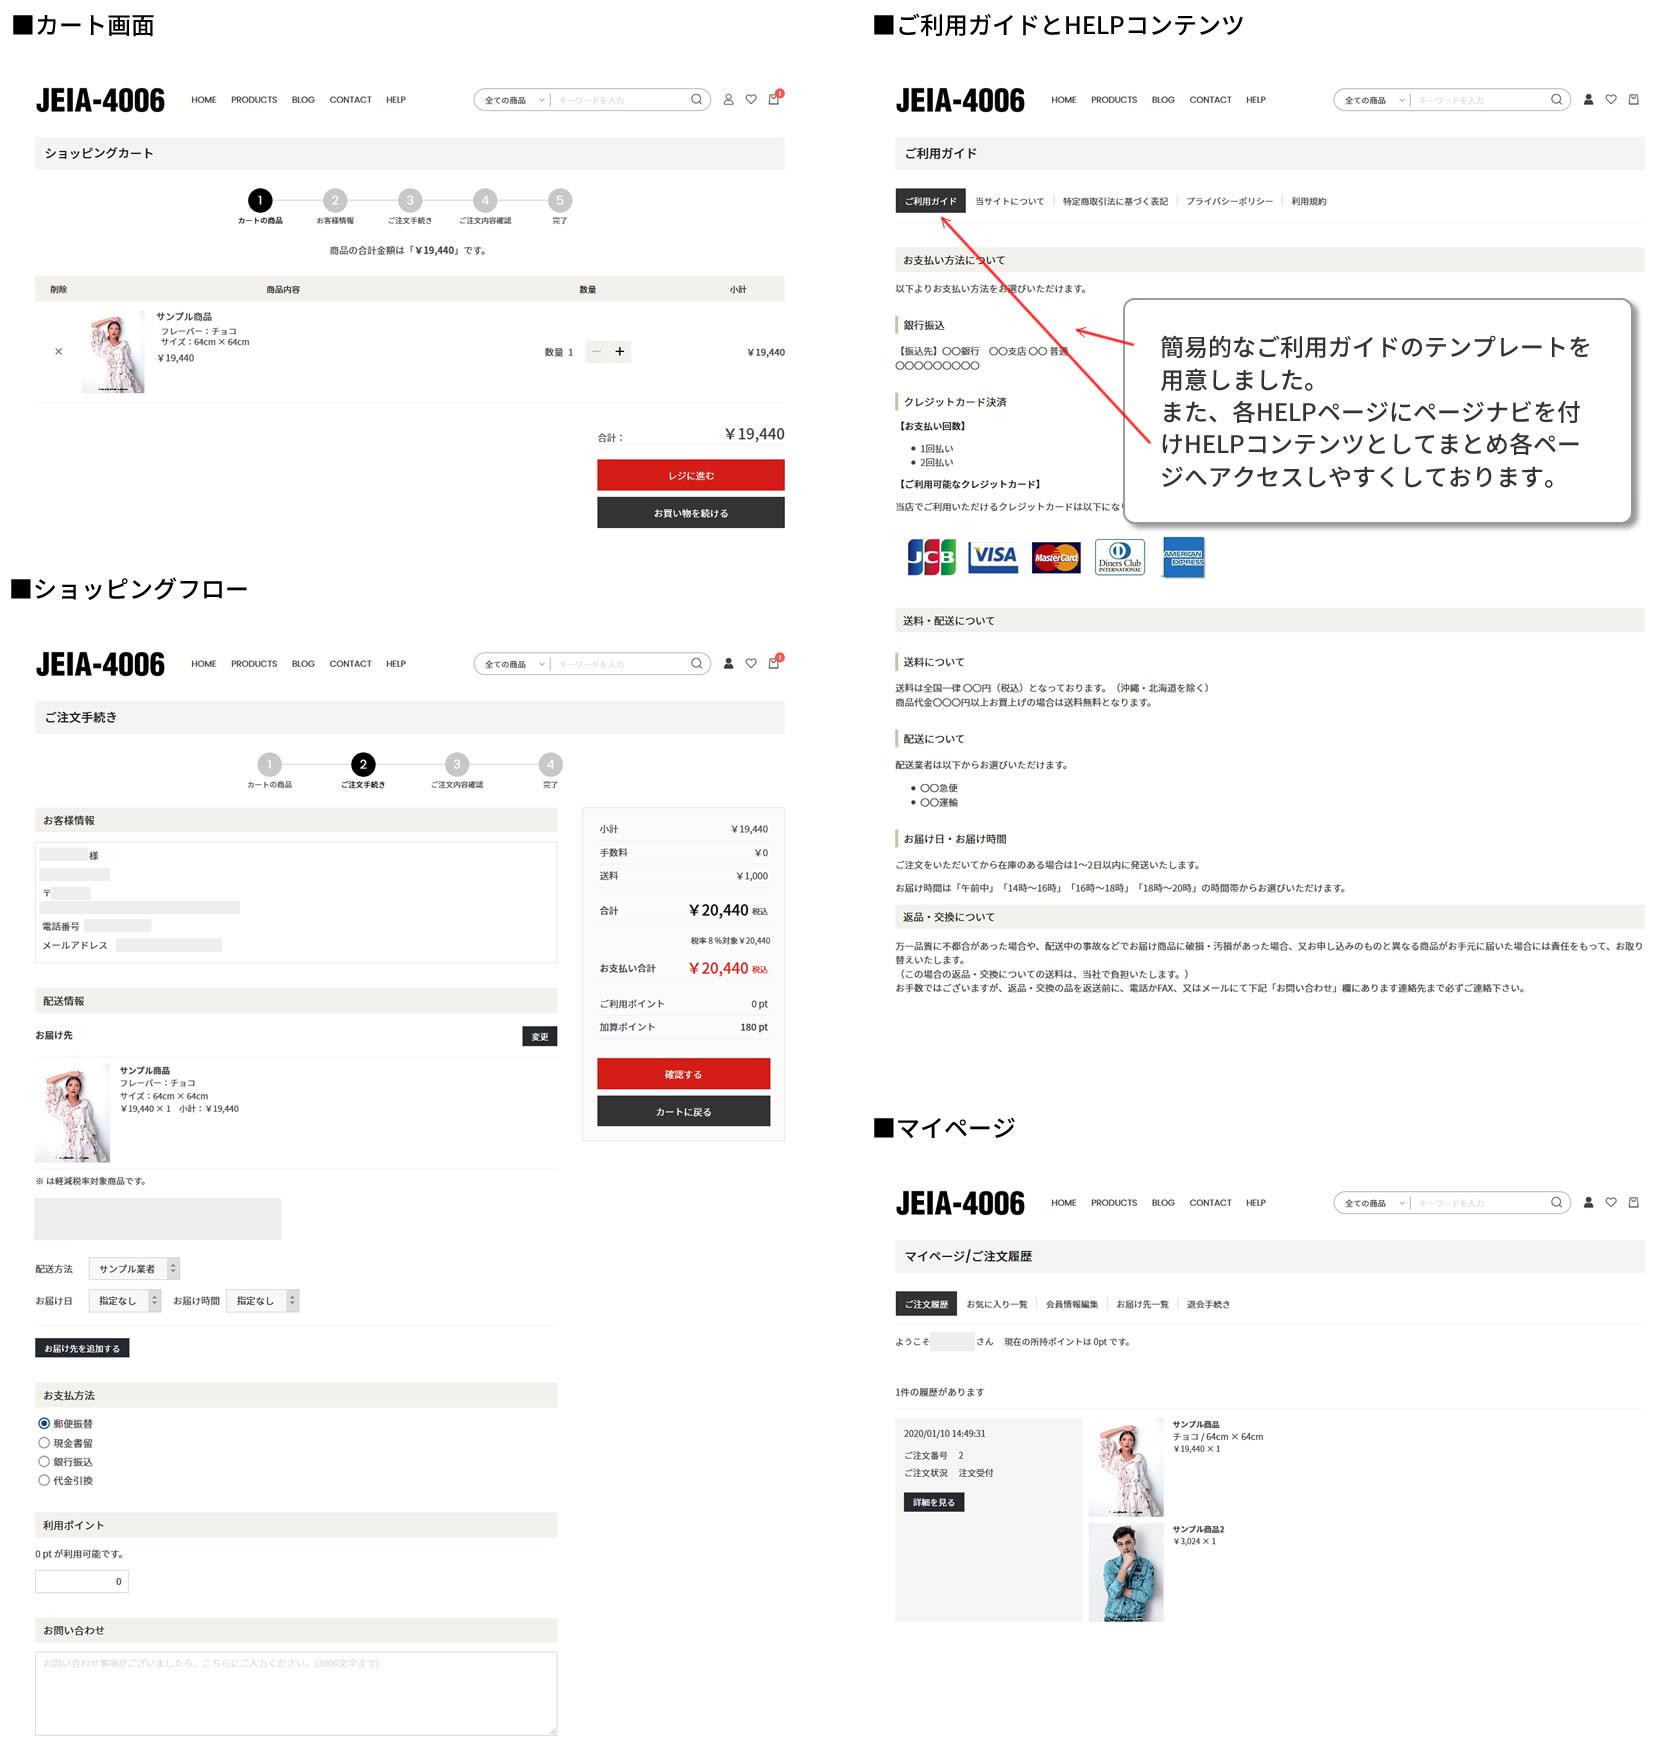 EC-CUBEレスポンシブWebデザインテンプレート No.JEIA4006(4.0.4)